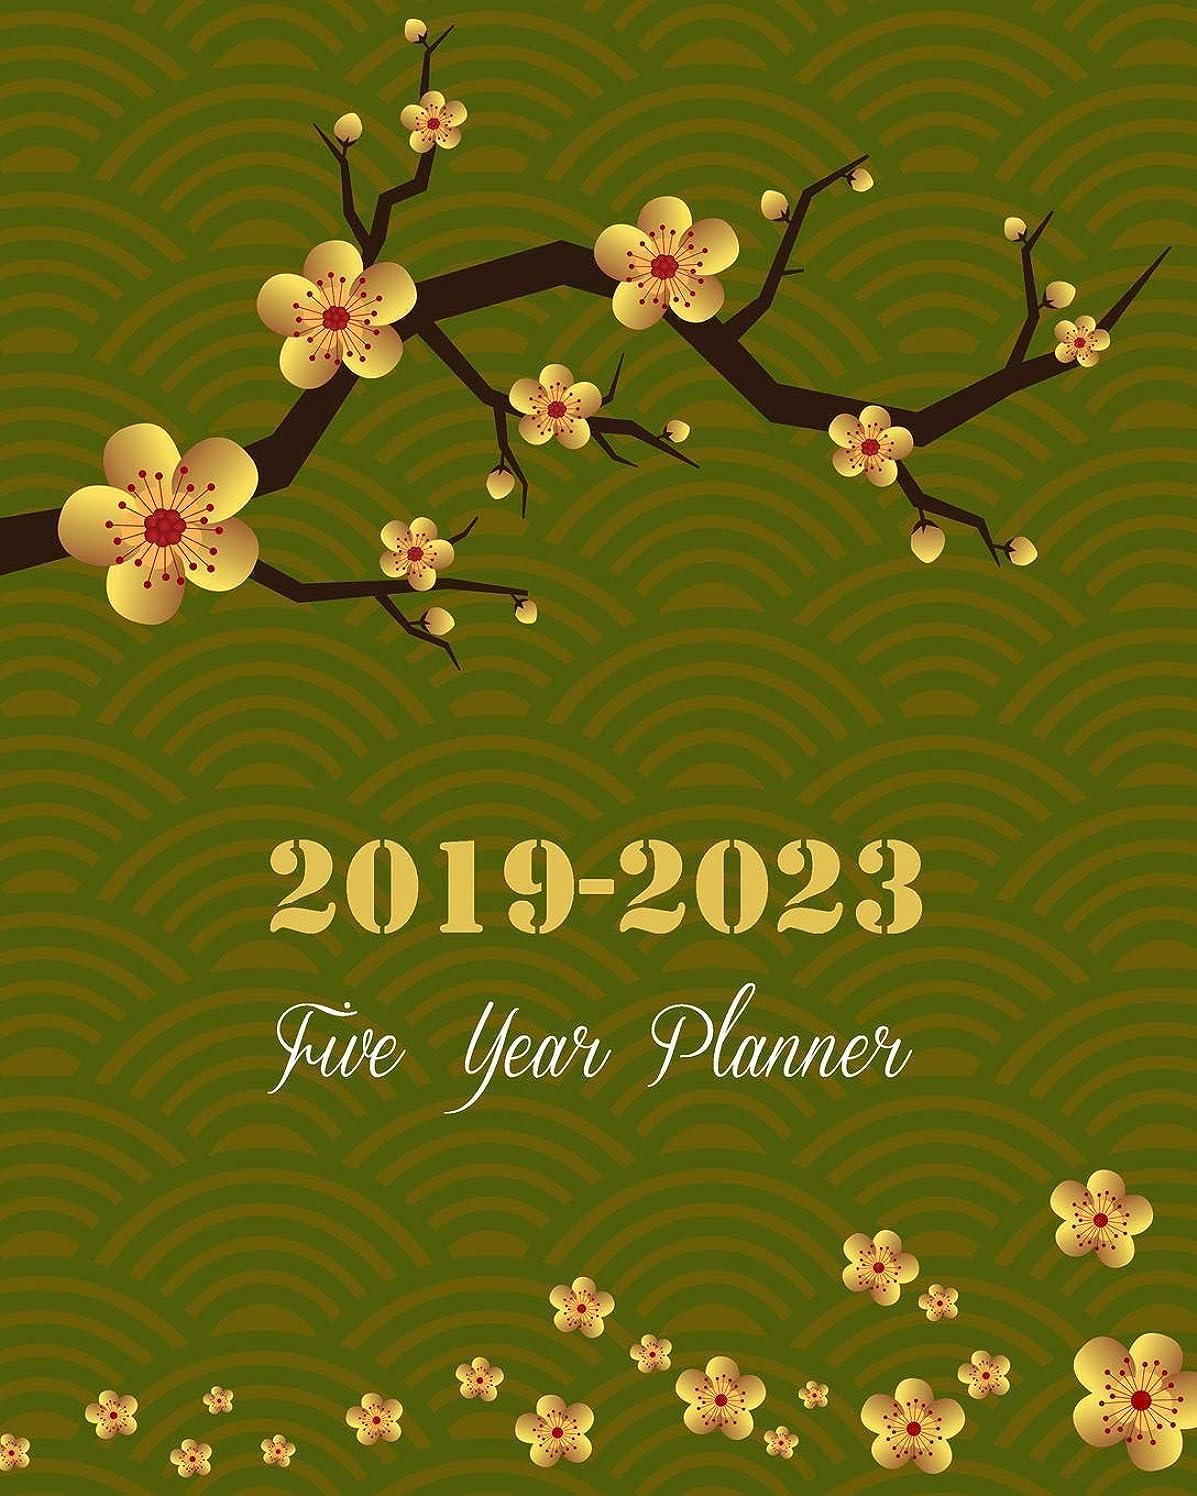 注釈英語の授業があります不幸2019-2023 Five Year Planner: Golden Blossom Cover, 8